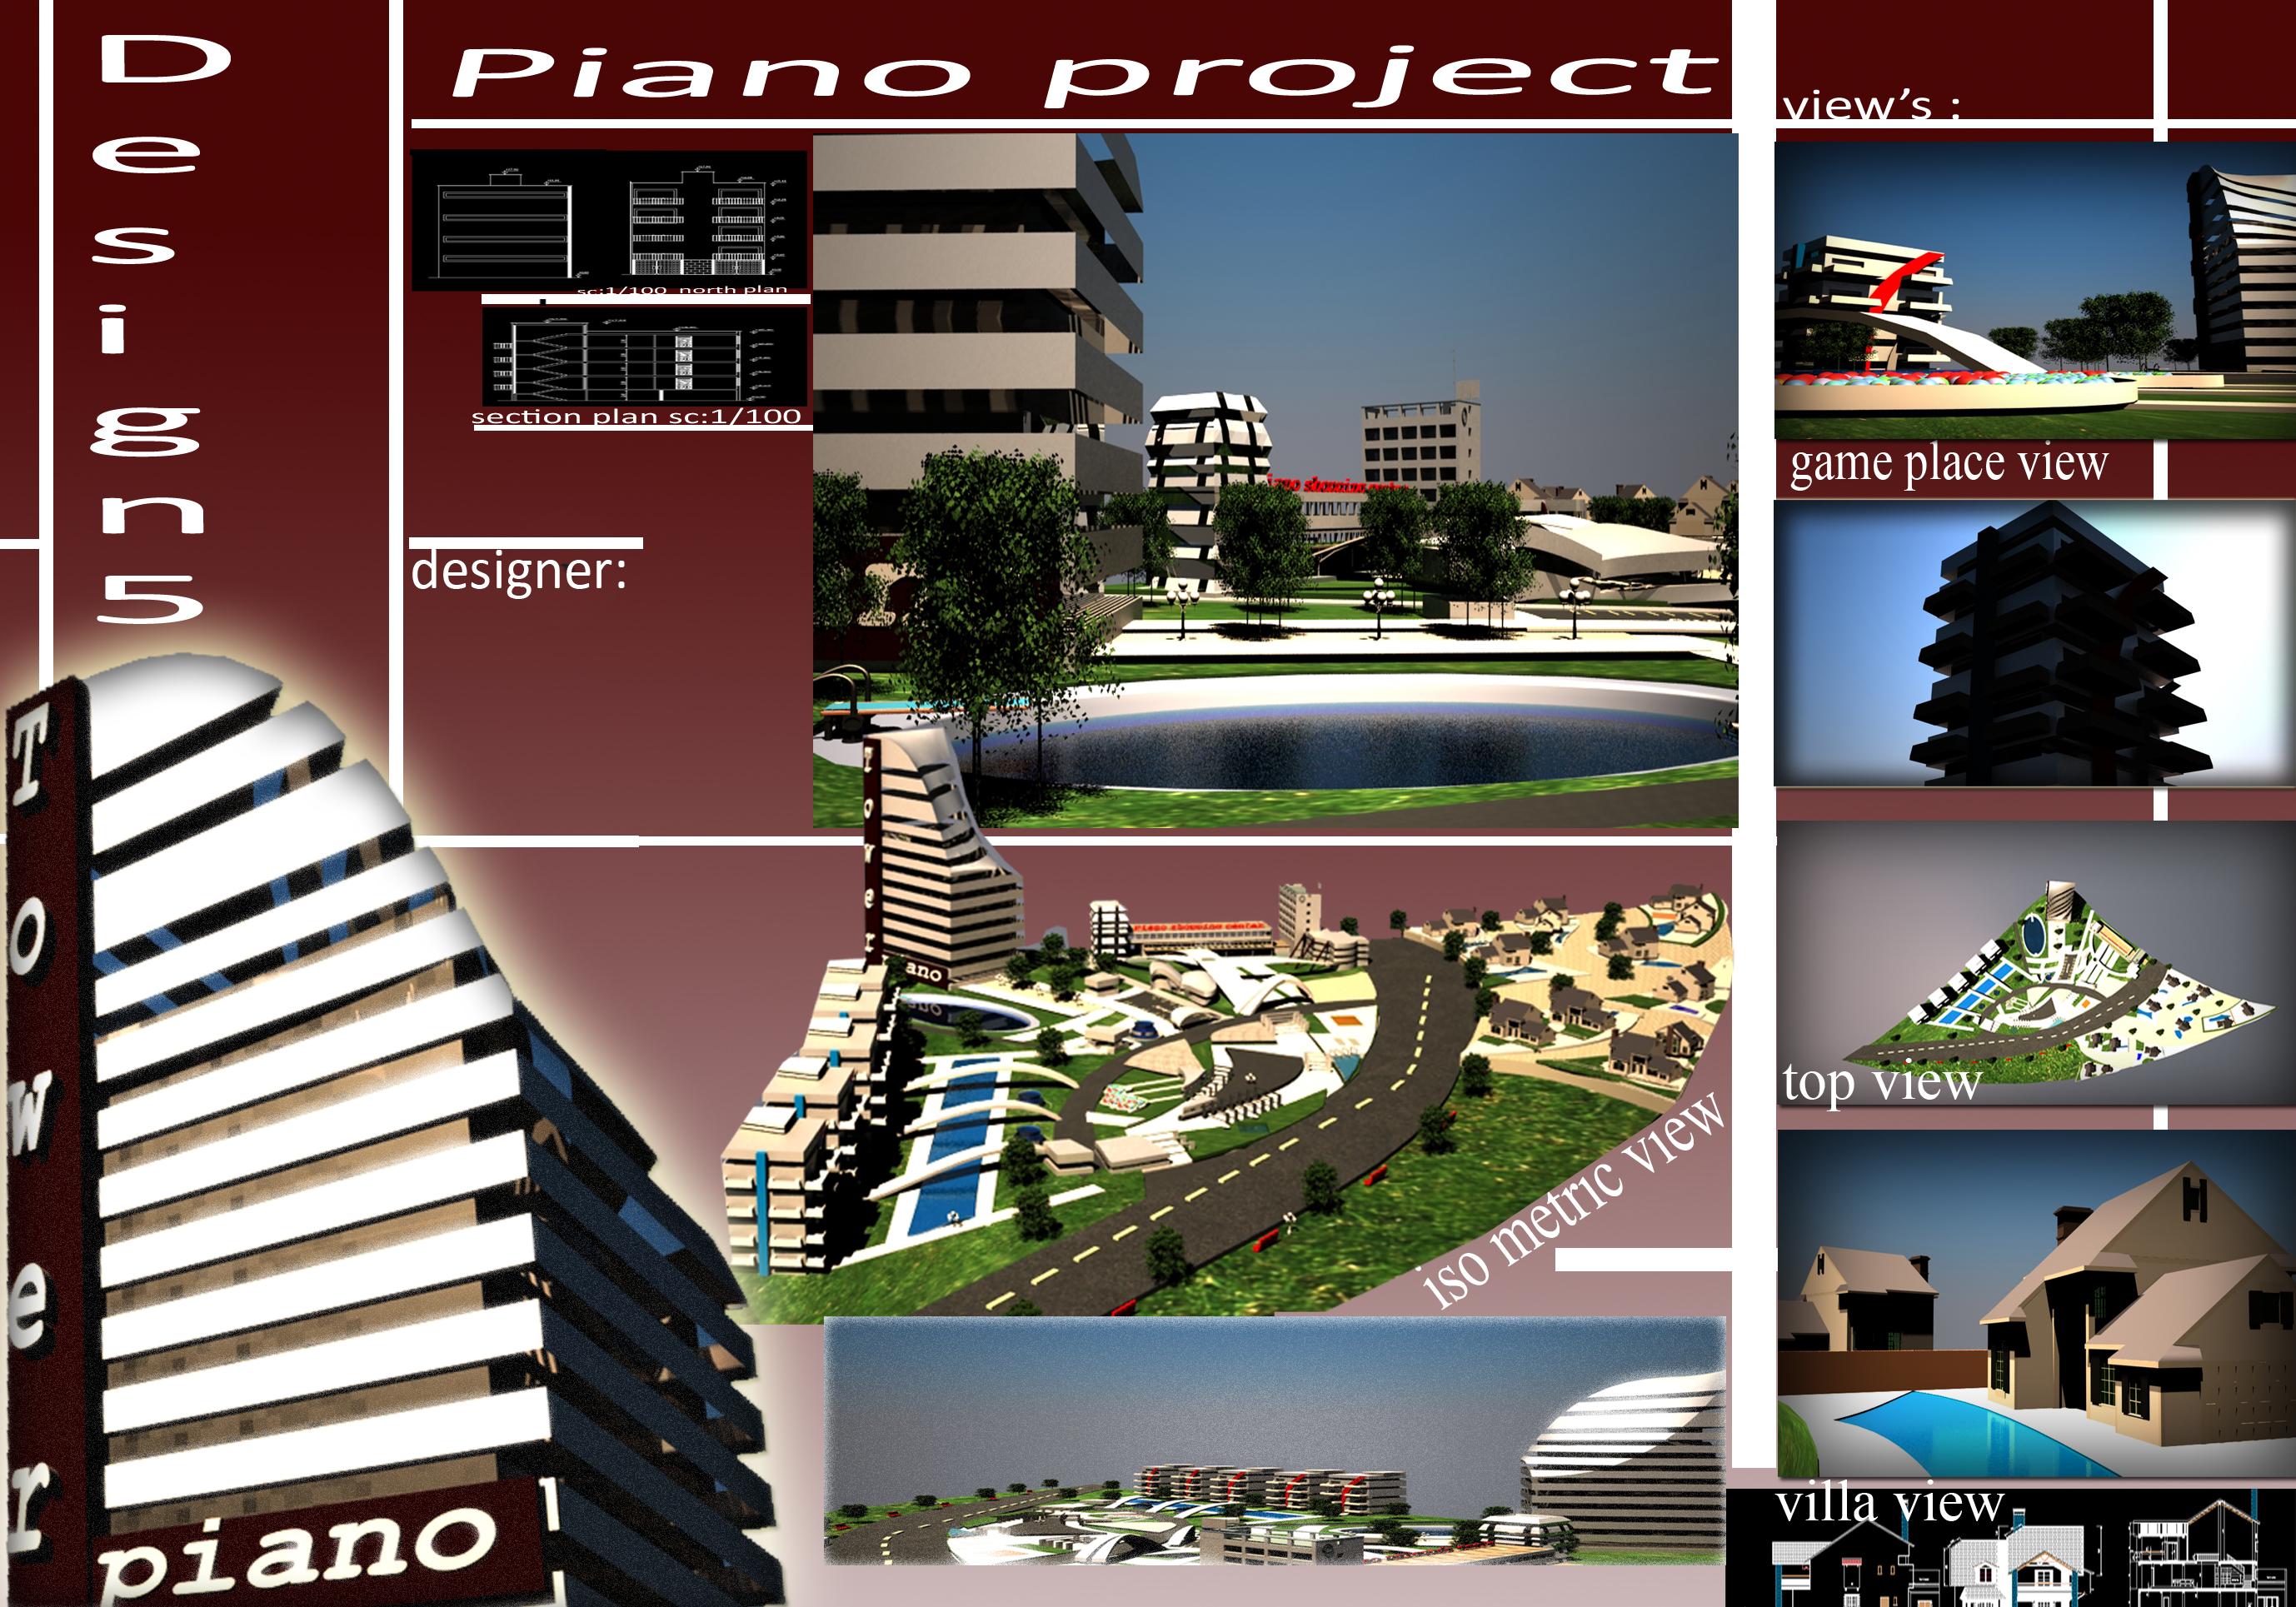 پروژه مجتمع مسکونی ( اتوکد - رندر - پوستر - تری دی مکس - رساله )